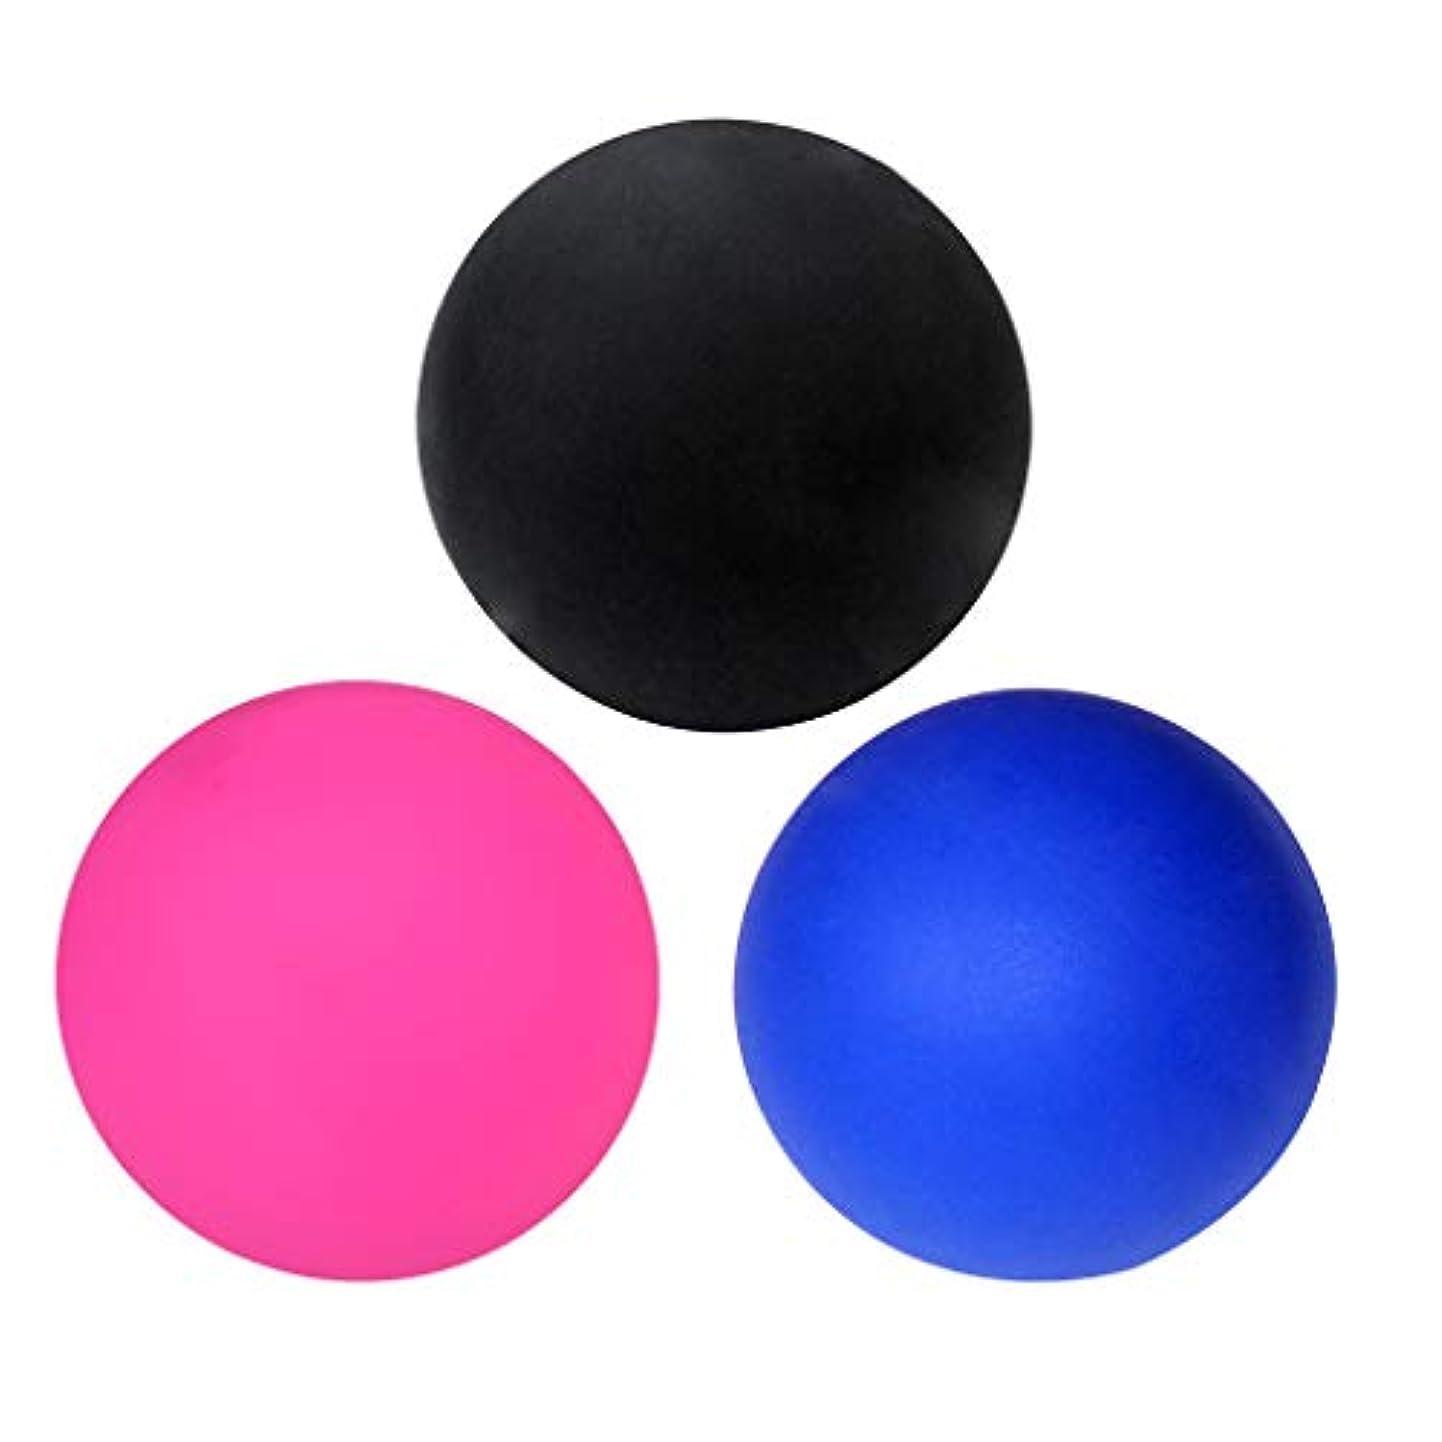 多数の有効なリズミカルなP Prettyia マッサージボール ラクロスボール トリガーポイント ヨガ エクササイズボール 健康グッズ 3個入